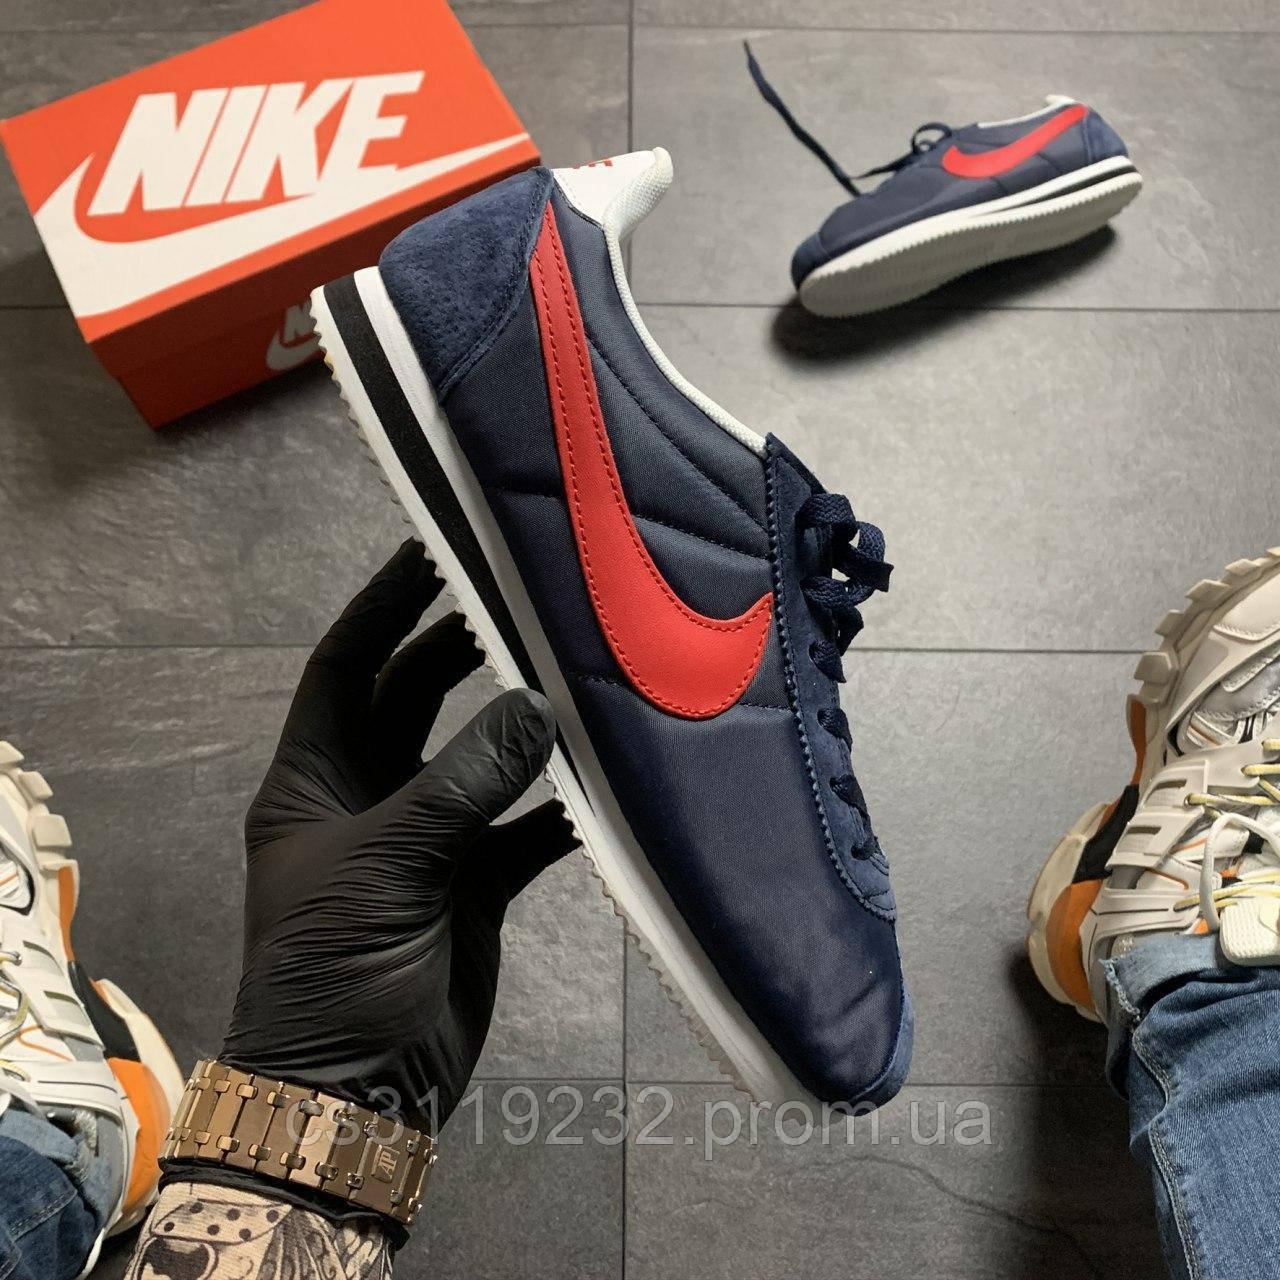 Чоловічі кросівки Nike Cortez Blue Red (синьо-червоні)